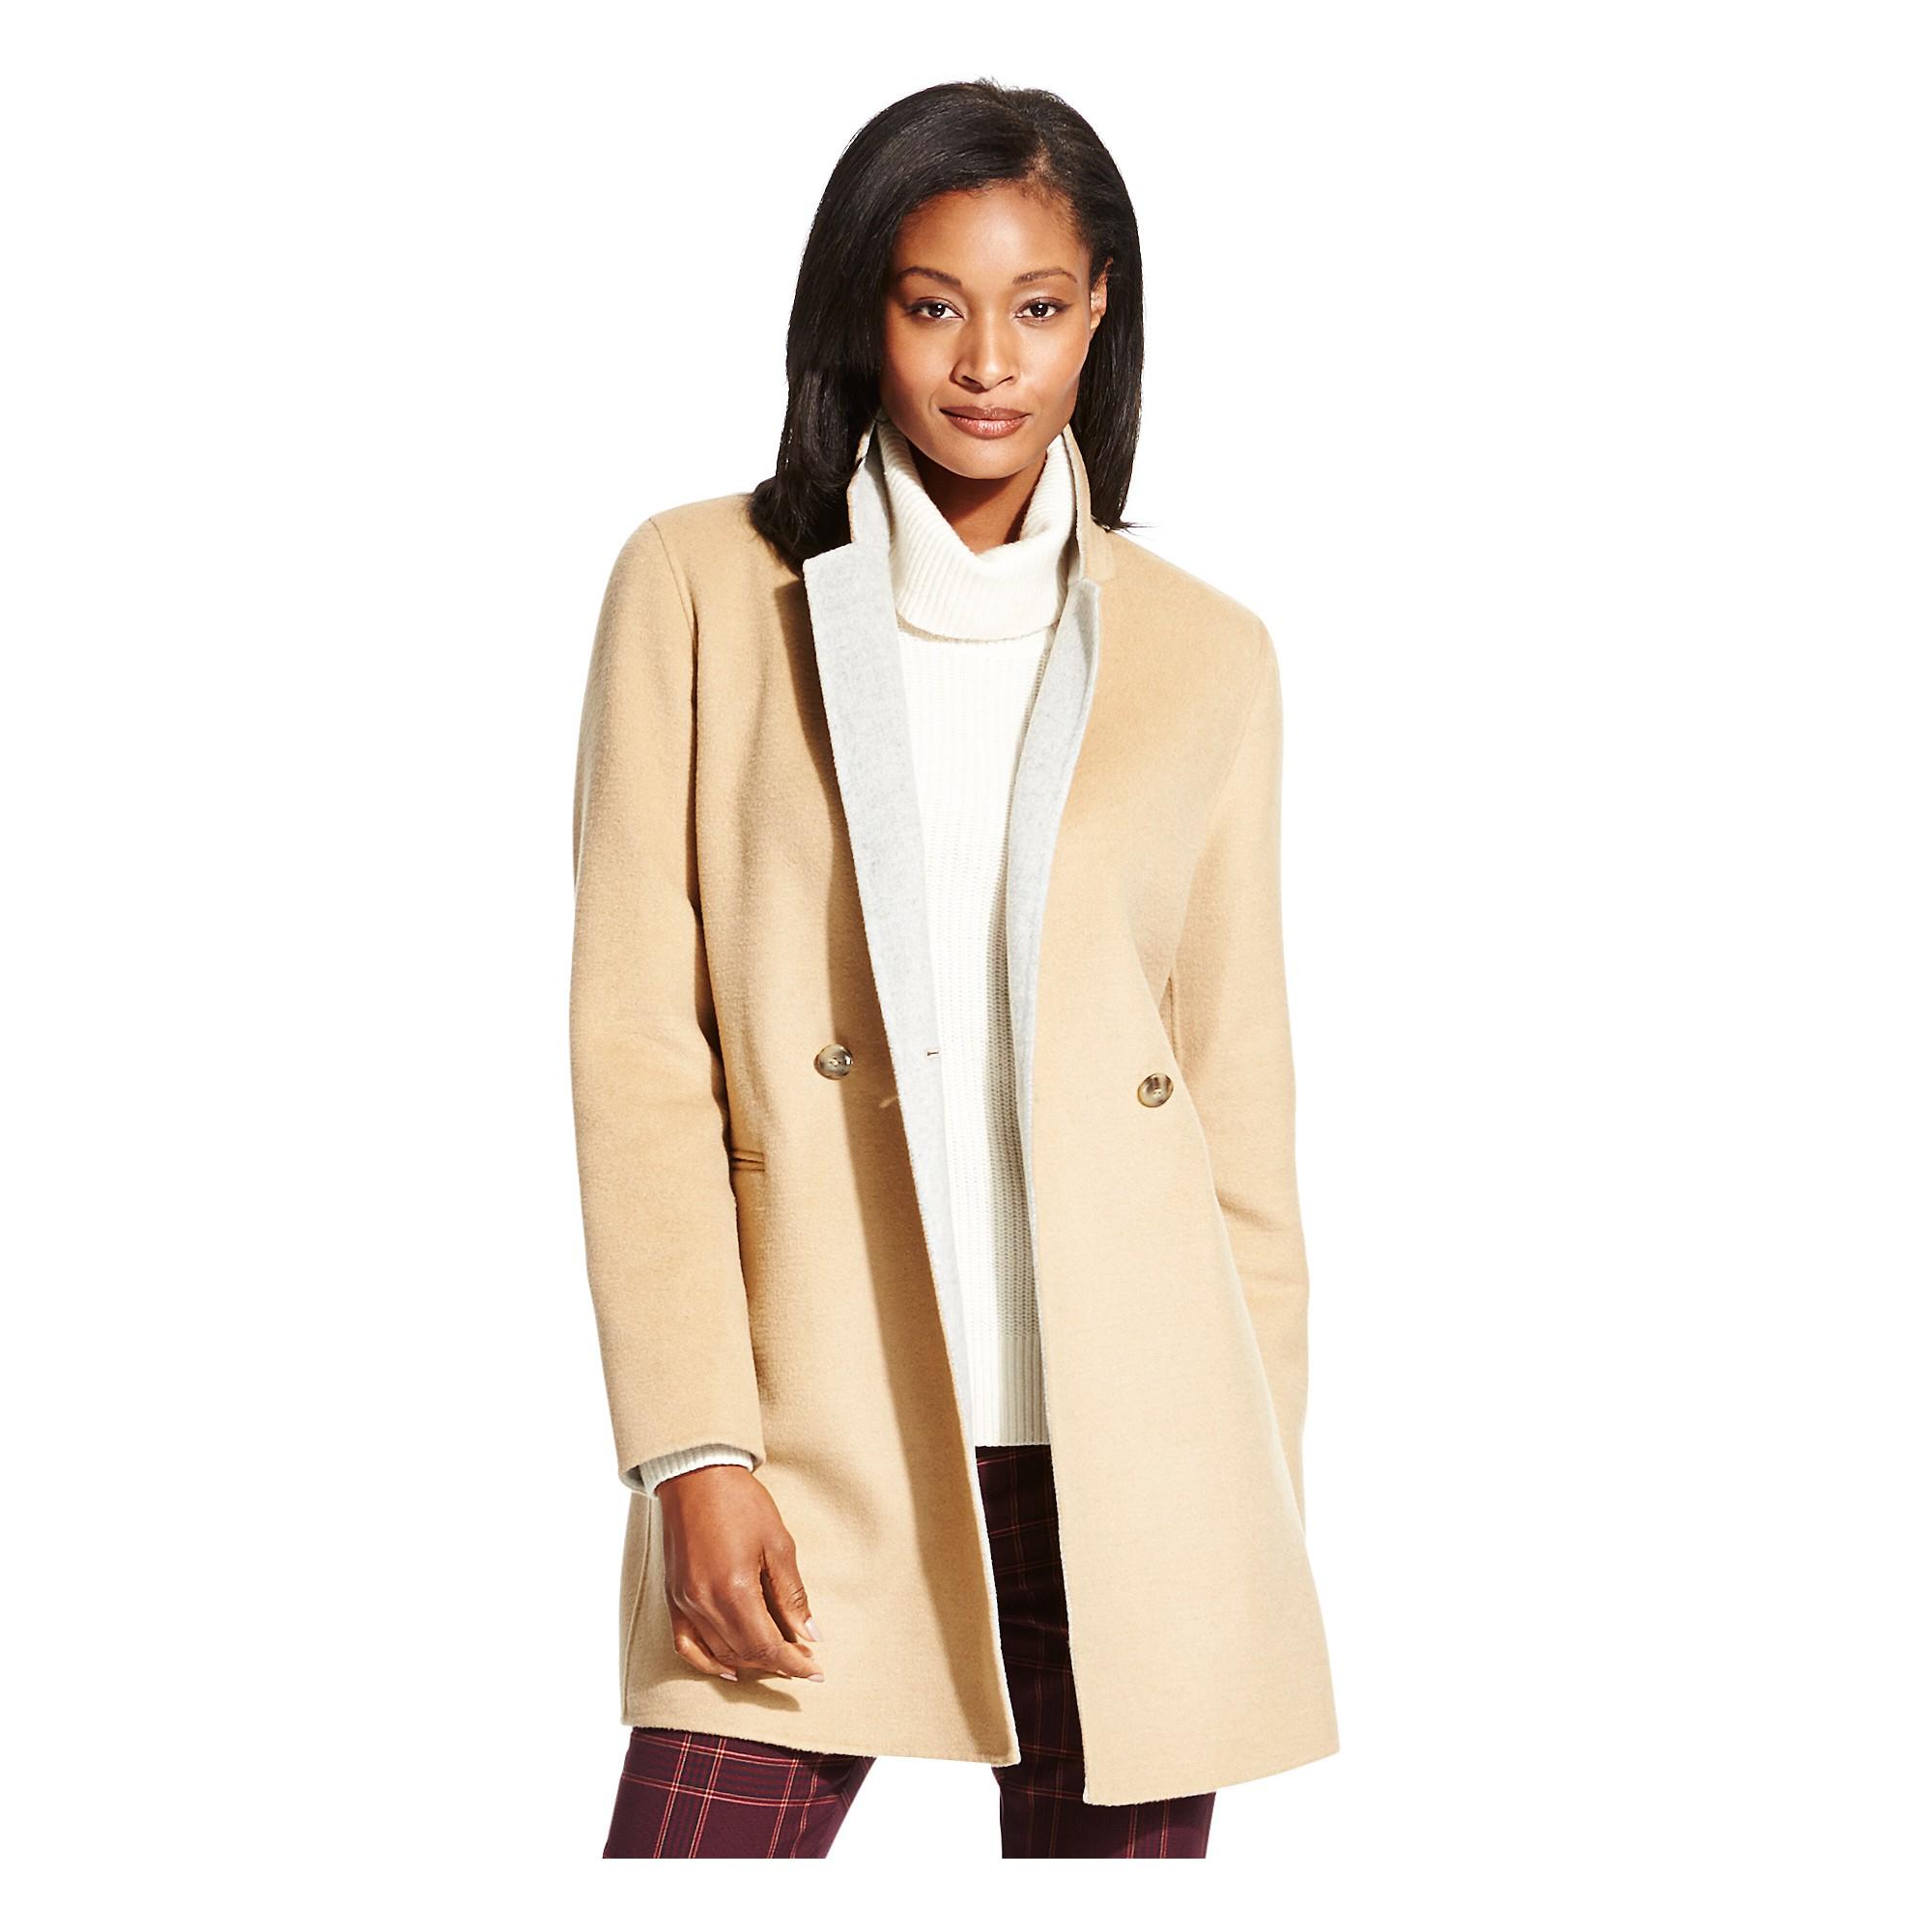 tommy hilfiger lightweight wool cashmere coat in beige camel light. Black Bedroom Furniture Sets. Home Design Ideas